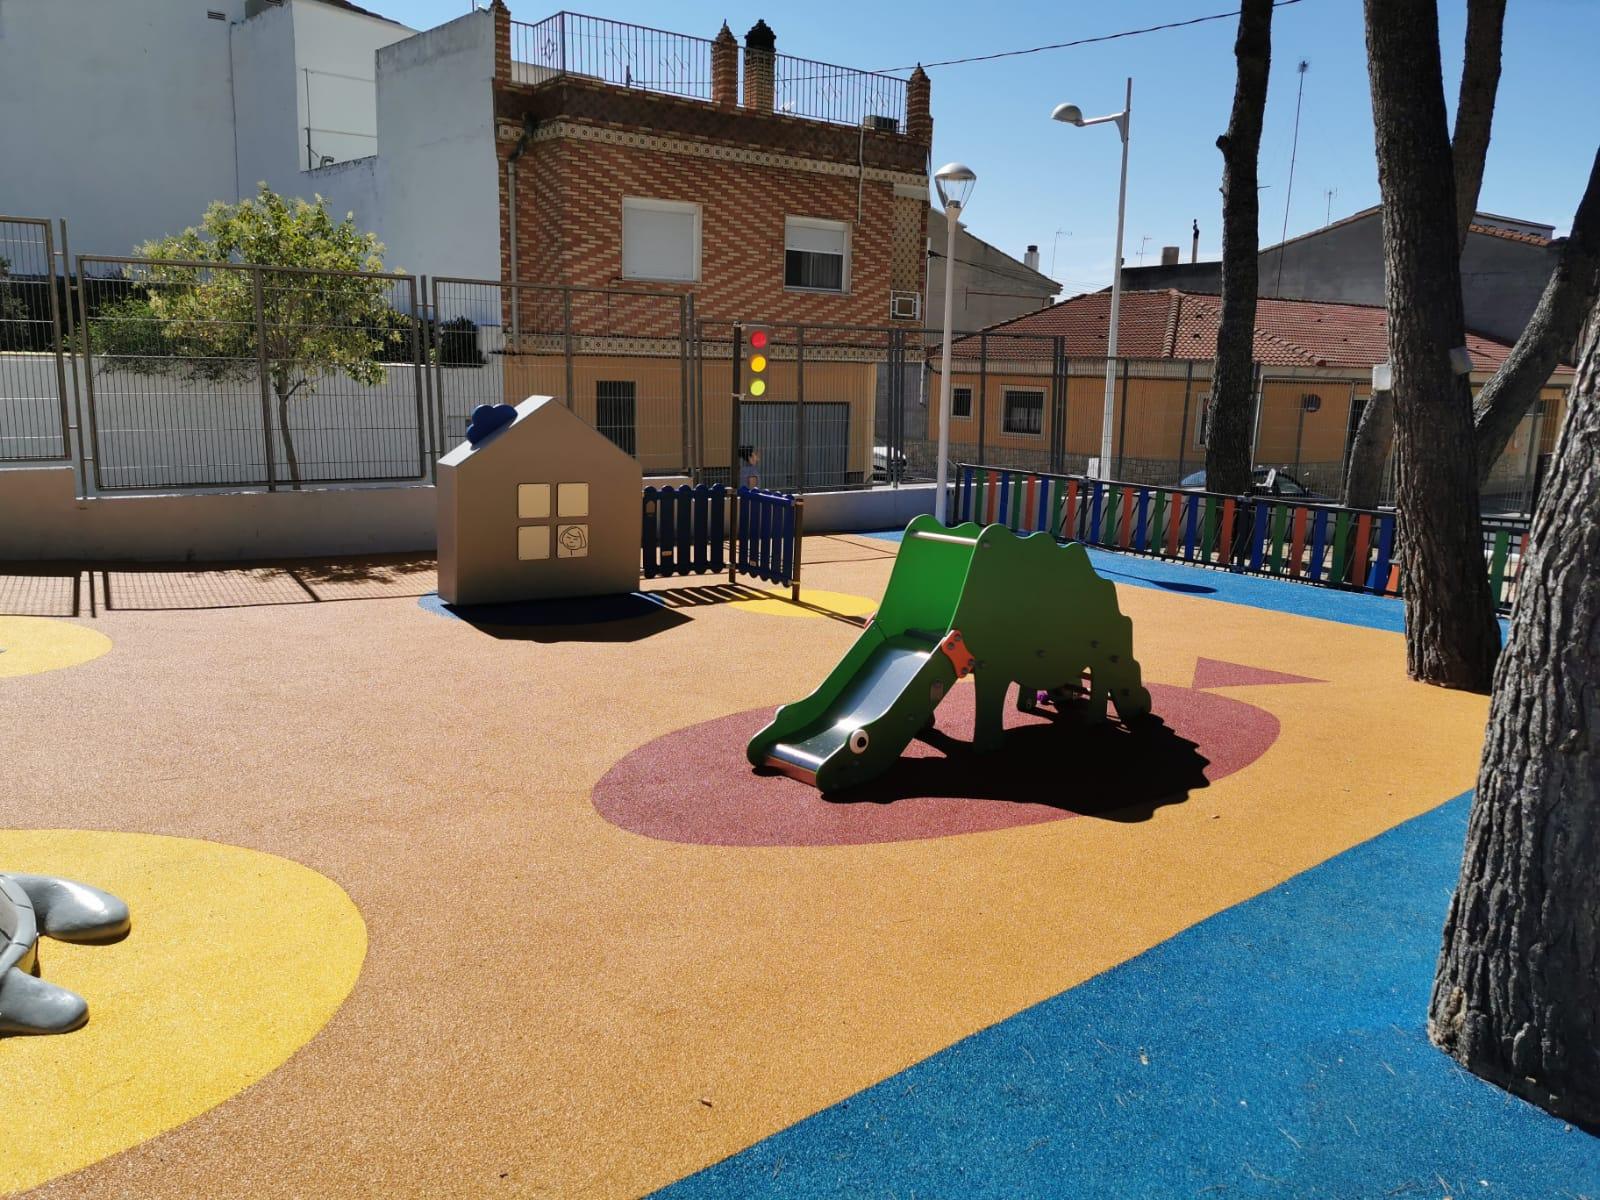 Juegos y Suelo de Caucho en Escuela Infantil